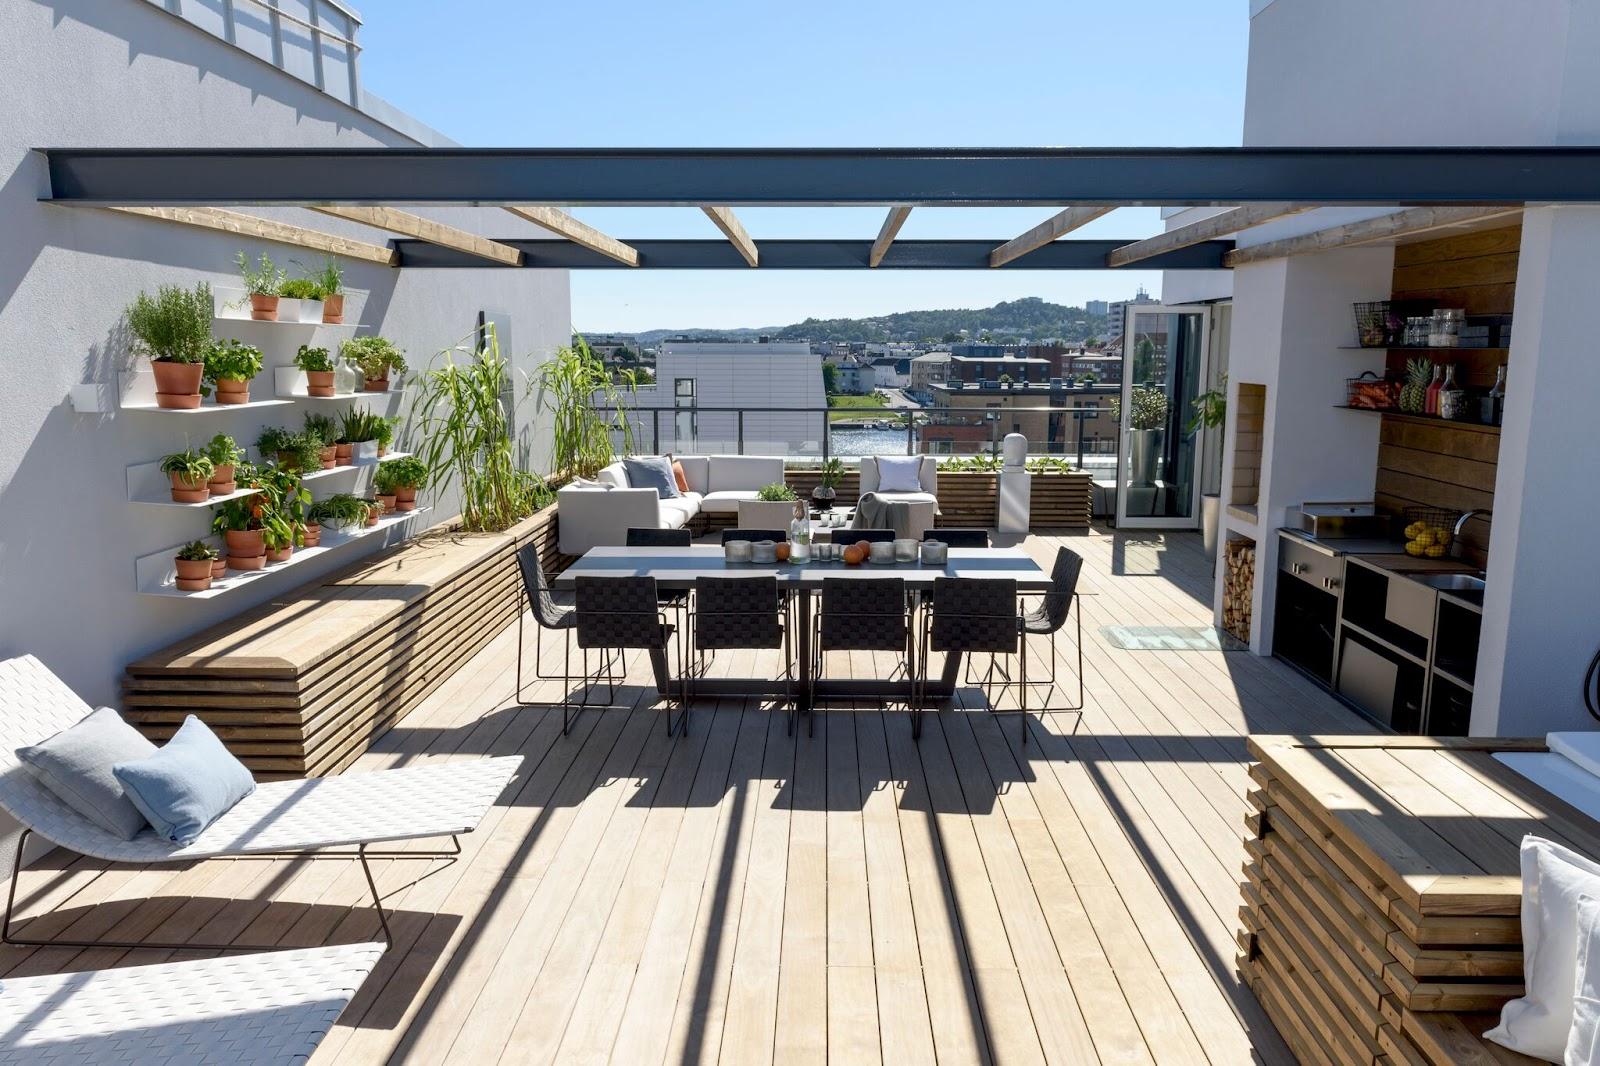 pflegeleichte terrassendielen aus Holz